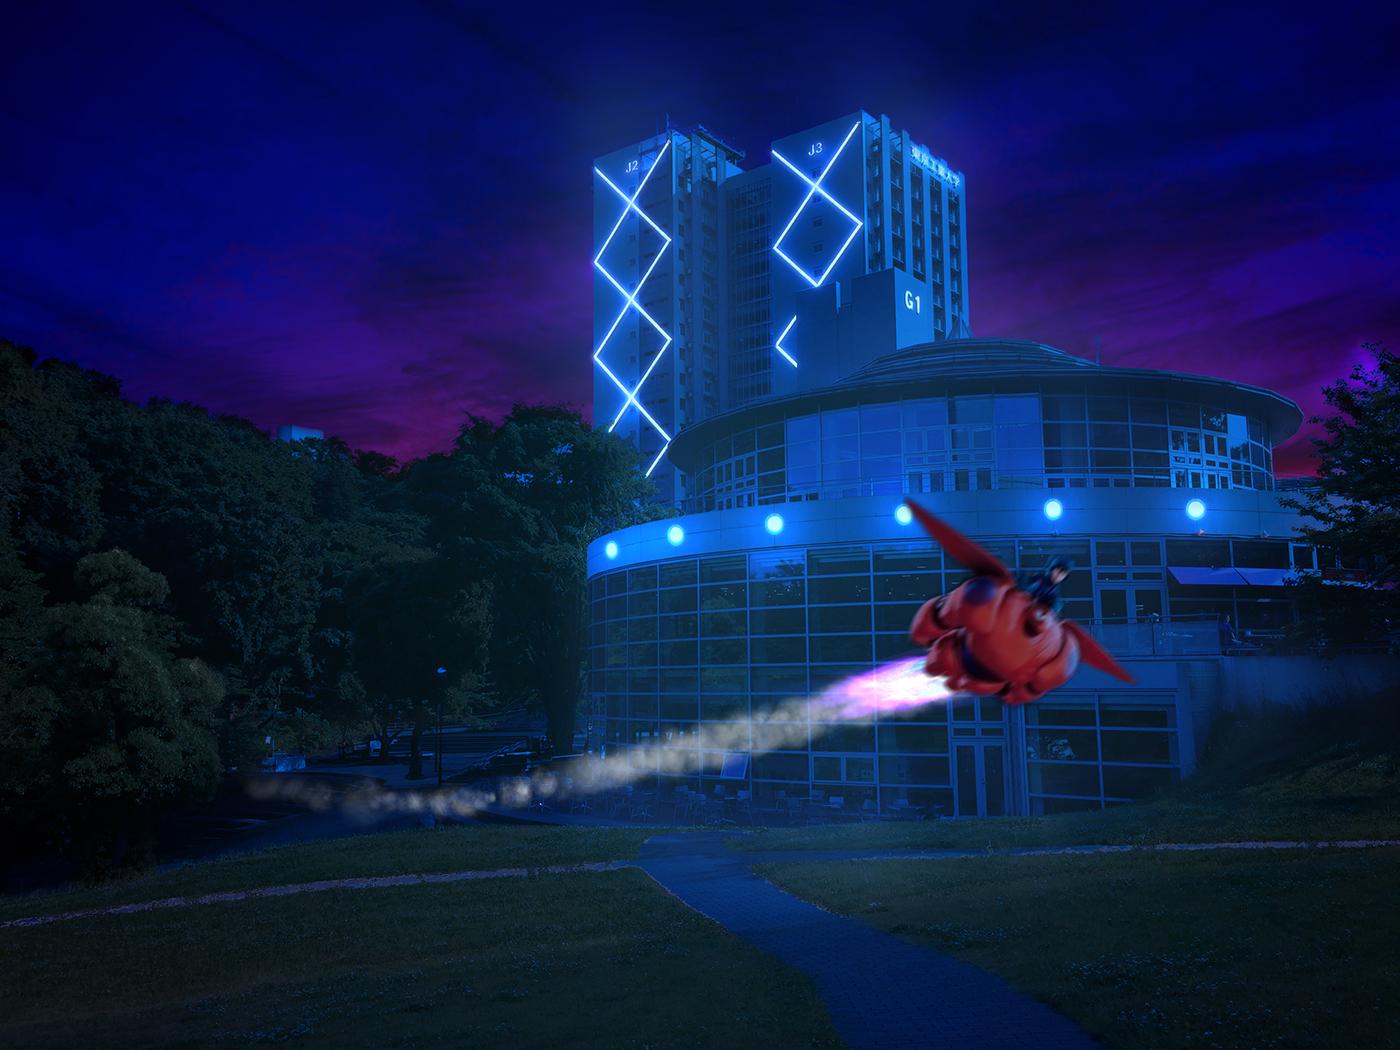 東工大にベイマックス Big Hero 6 At Tokyo Institute Of Technology